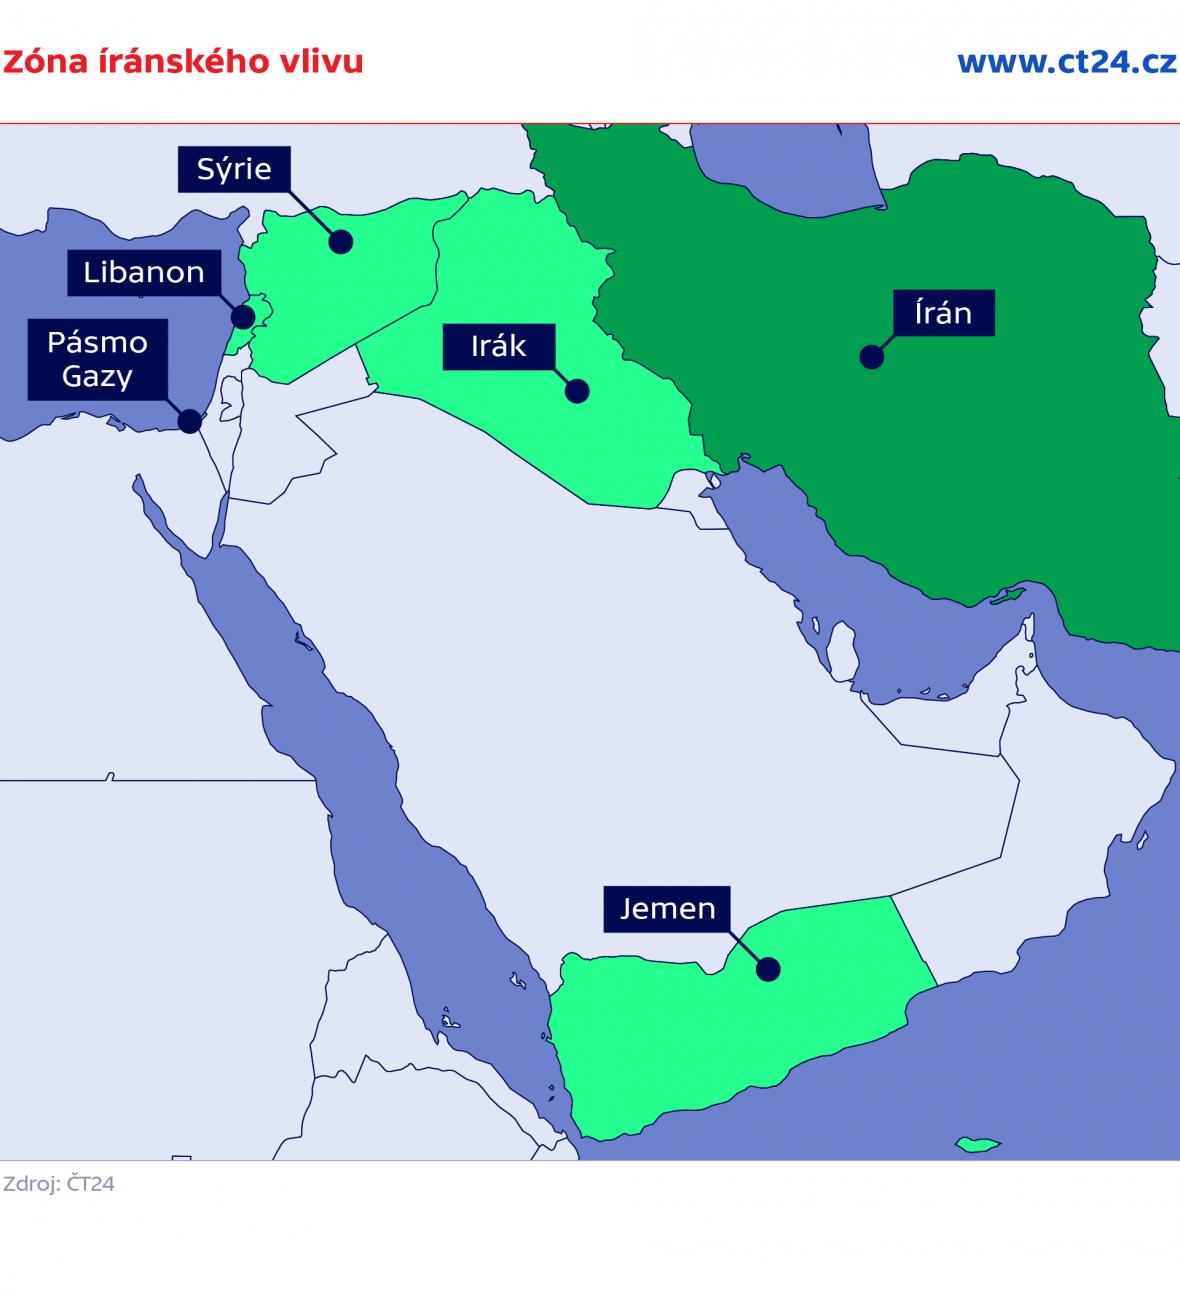 Zóna íránského vlivu